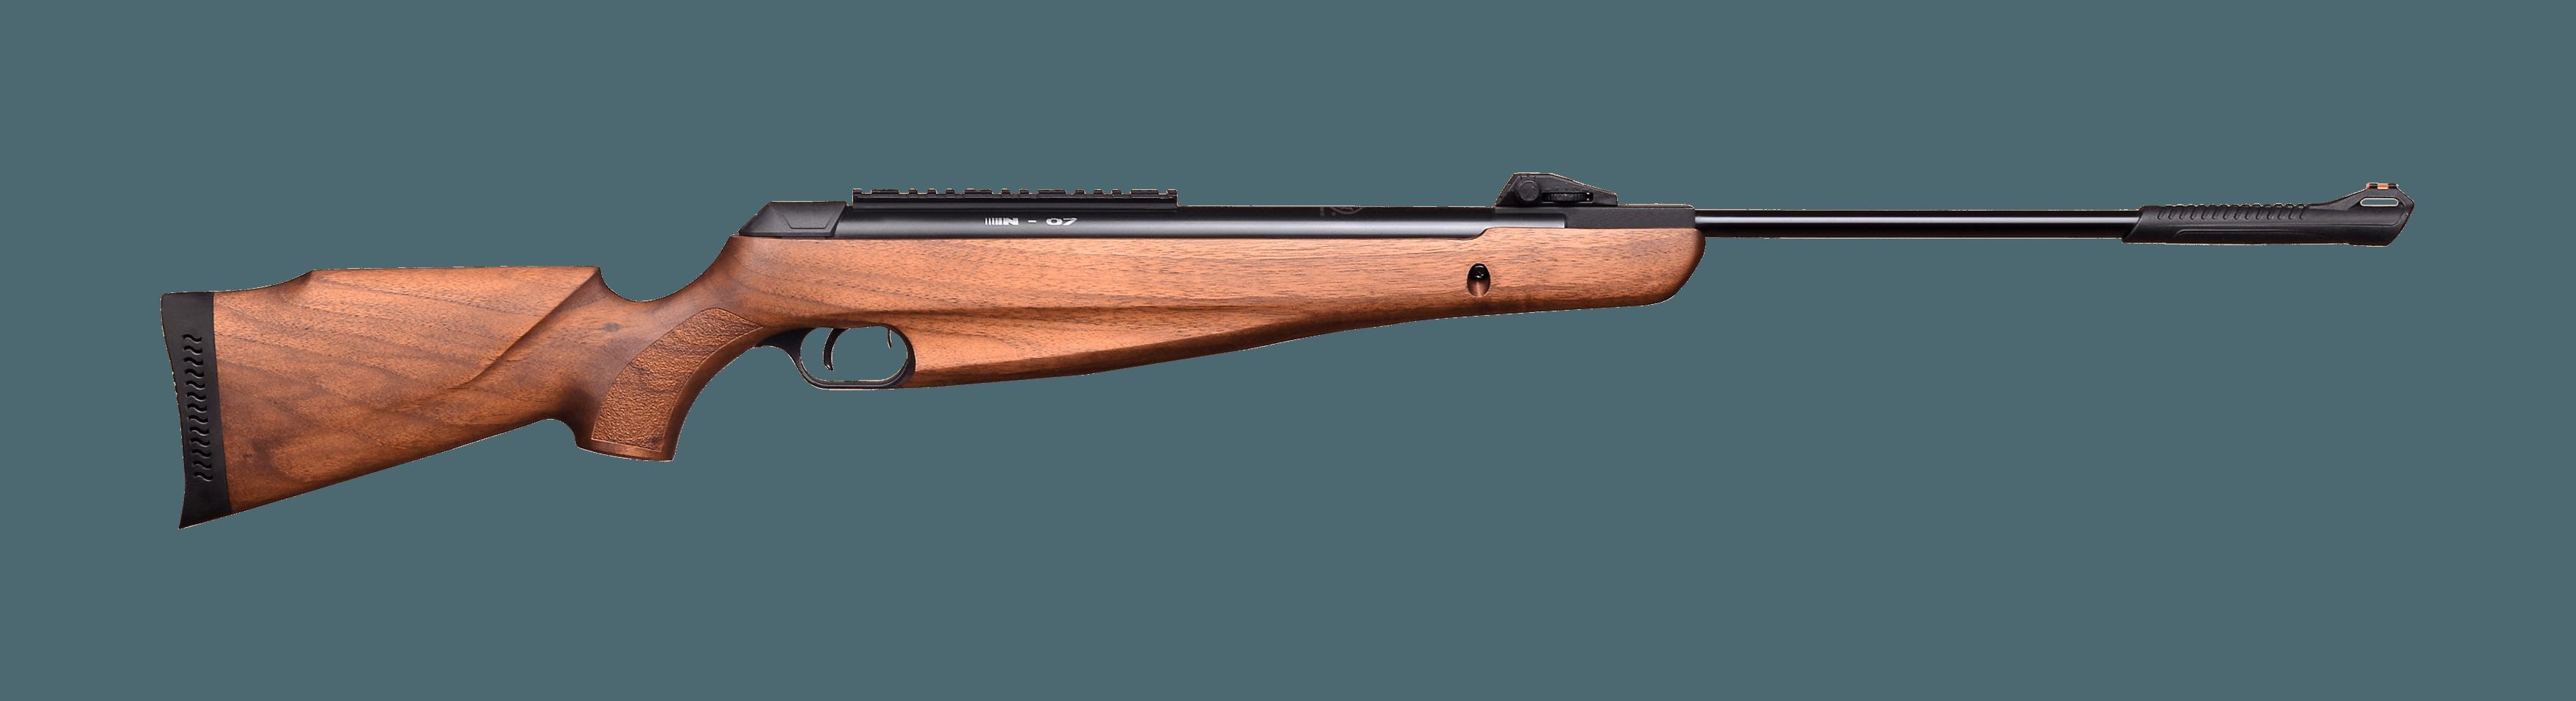 n-07-wood